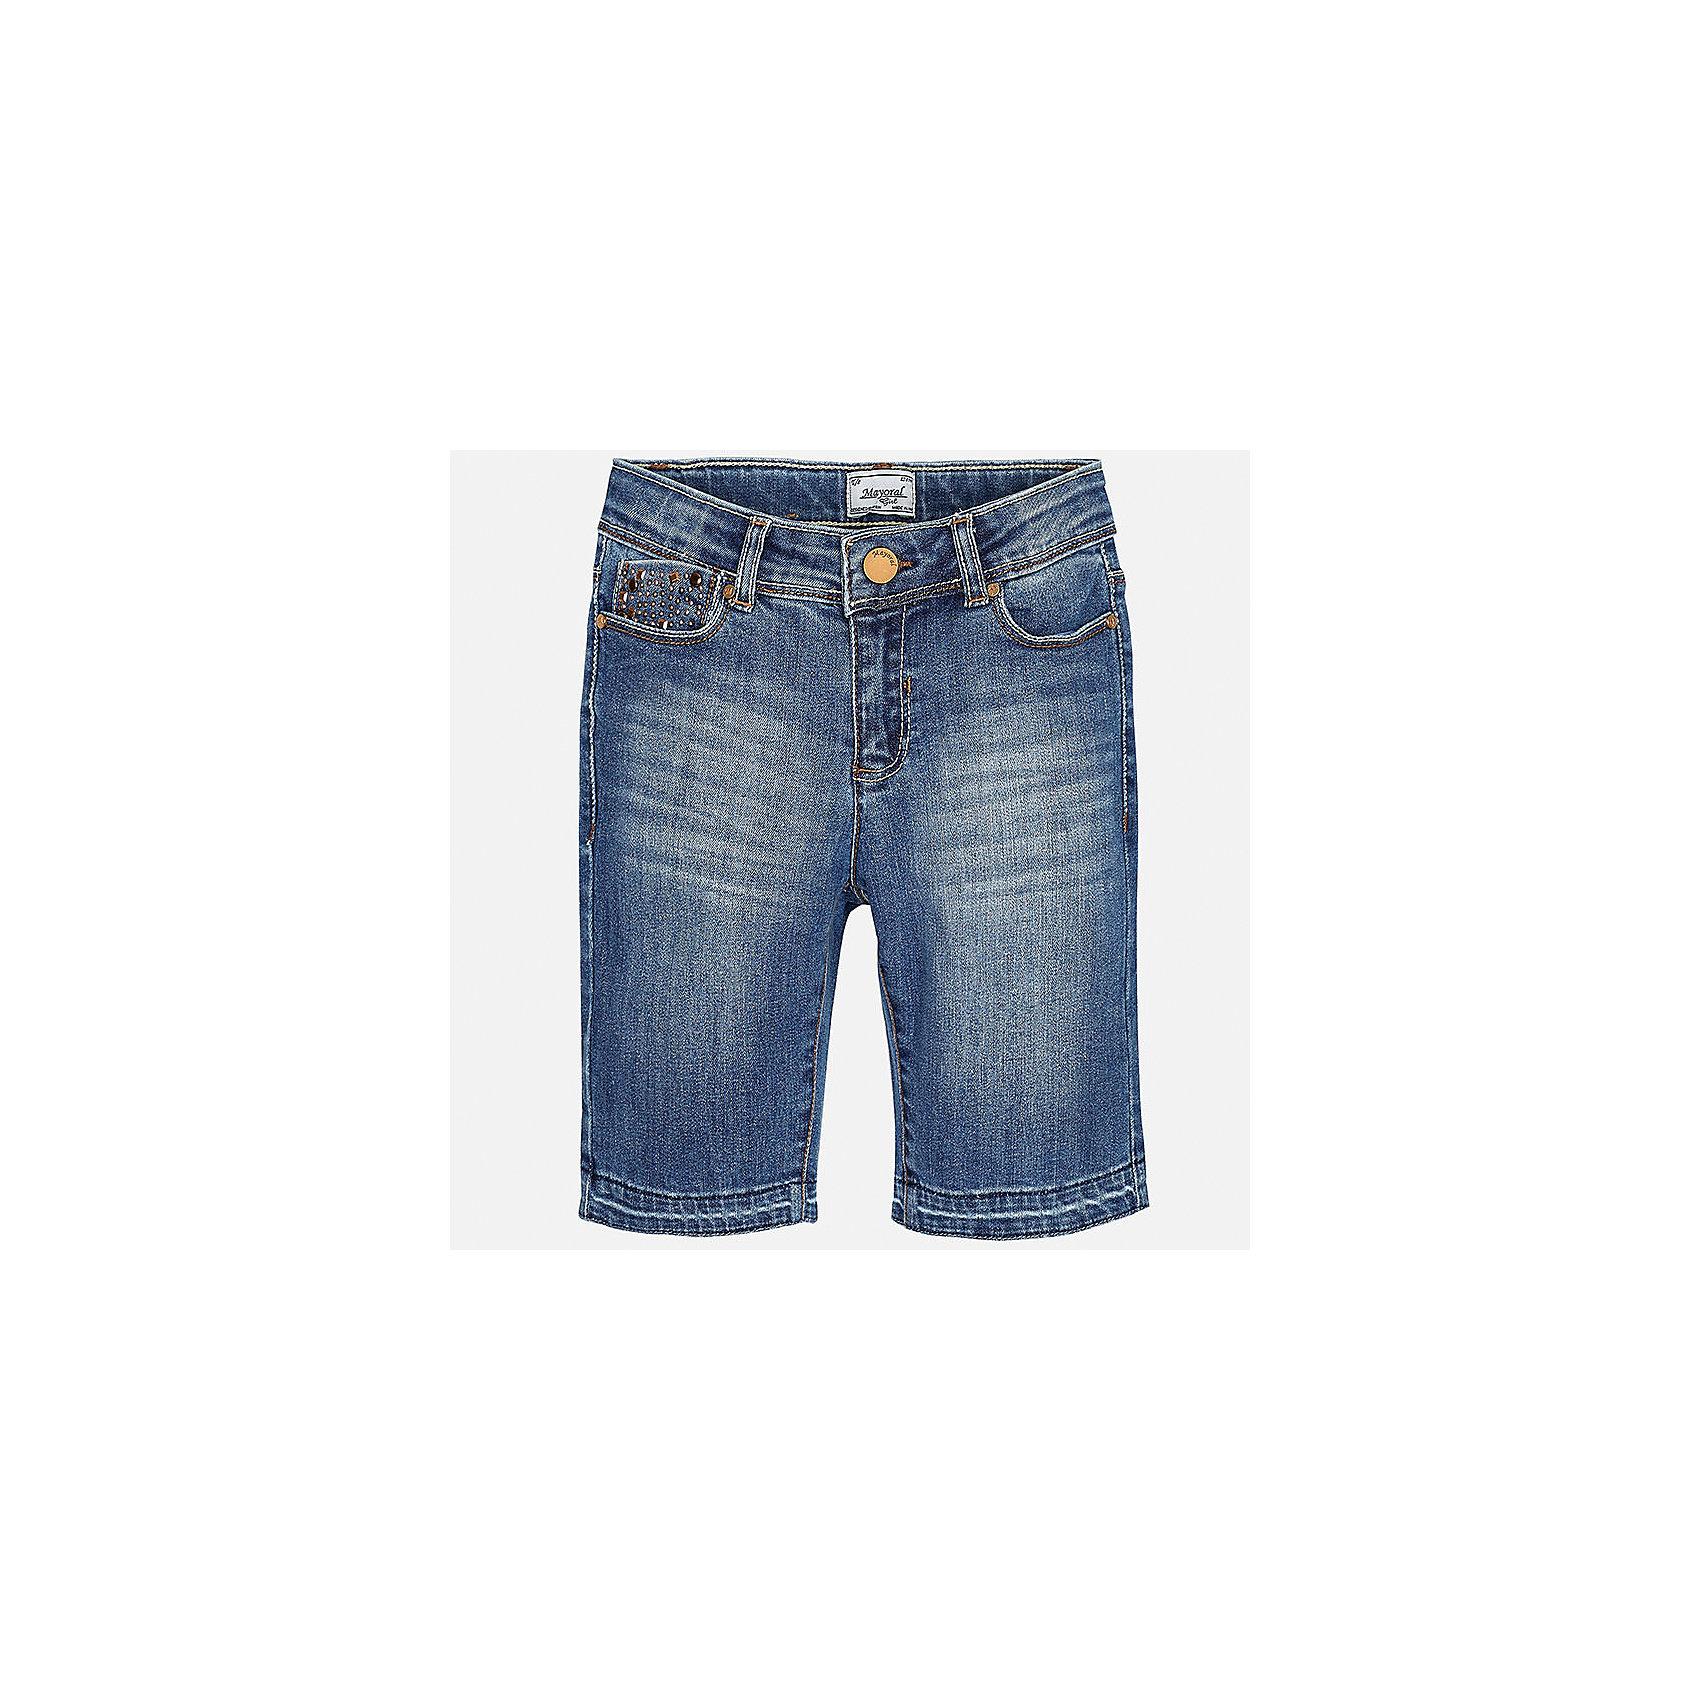 Бриджи джинсовые для девочки MayoralХарактеристики товара:<br><br>• цвет: синий<br>• состав: 92% хлопок, 6% полиэстер, 2% эластан<br>• эффект потертости<br>• карманы<br>• пояс с регулировкой объема<br>• шлевки<br>• страна бренда: Испания<br><br>Стильные легкие бриджи для девочки смогут разнообразить гардероб ребенка и украсить наряд. Они отлично сочетаются с майками, футболками, блузками. Красивый оттенок позволяет подобрать к вещи верх разных расцветок. Интересный крой модели делает её нарядной и оригинальной. В составе материала - натуральный хлопок, гипоаллергенный, приятный на ощупь, дышащий.<br><br>Одежда, обувь и аксессуары от испанского бренда Mayoral полюбились детям и взрослым по всему миру. Модели этой марки - стильные и удобные. Для их производства используются только безопасные, качественные материалы и фурнитура. Порадуйте ребенка модными и красивыми вещами от Mayoral! <br><br>Бриджи для девочки от испанского бренда Mayoral (Майорал) можно купить в нашем интернет-магазине.<br><br>Ширина мм: 215<br>Глубина мм: 88<br>Высота мм: 191<br>Вес г: 336<br>Цвет: синий<br>Возраст от месяцев: 156<br>Возраст до месяцев: 168<br>Пол: Женский<br>Возраст: Детский<br>Размер: 164,170,128/134,140,152,158<br>SKU: 5292659